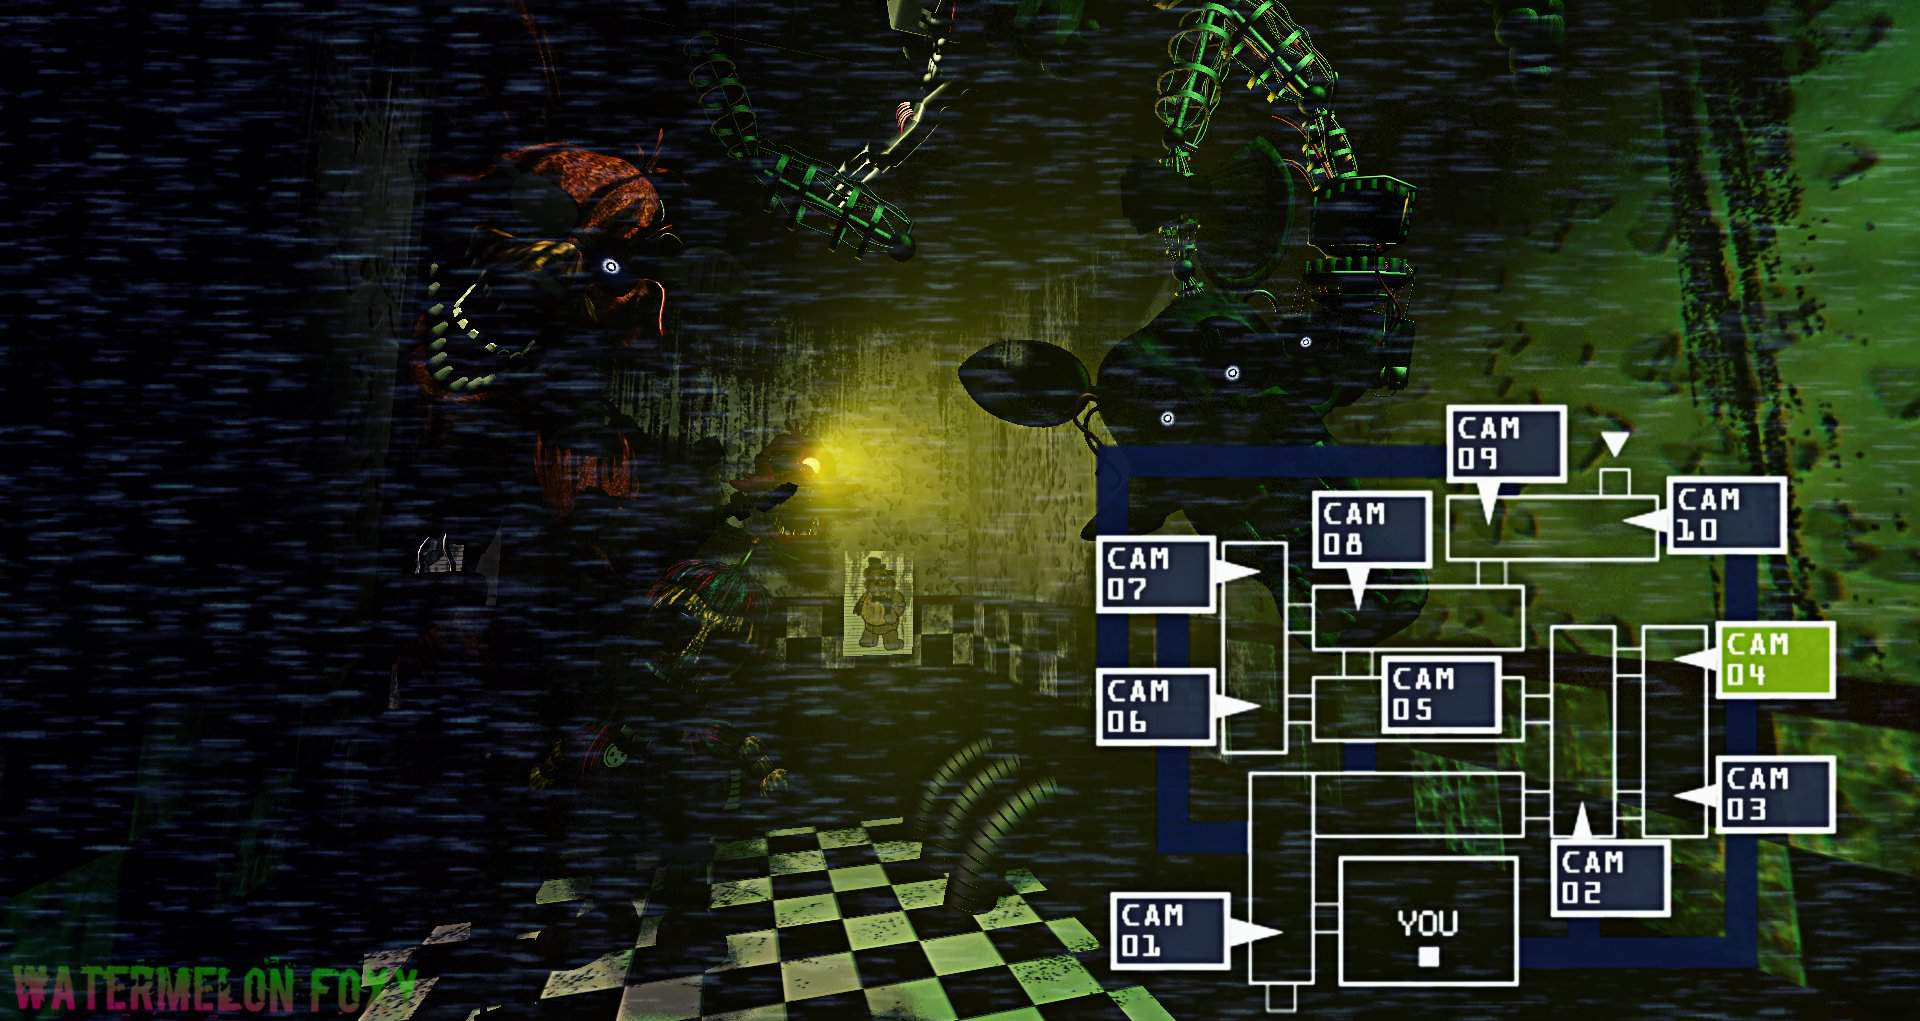 SFM] Fnaf 3: Cam 04   Five Nights At Freddy's Amino